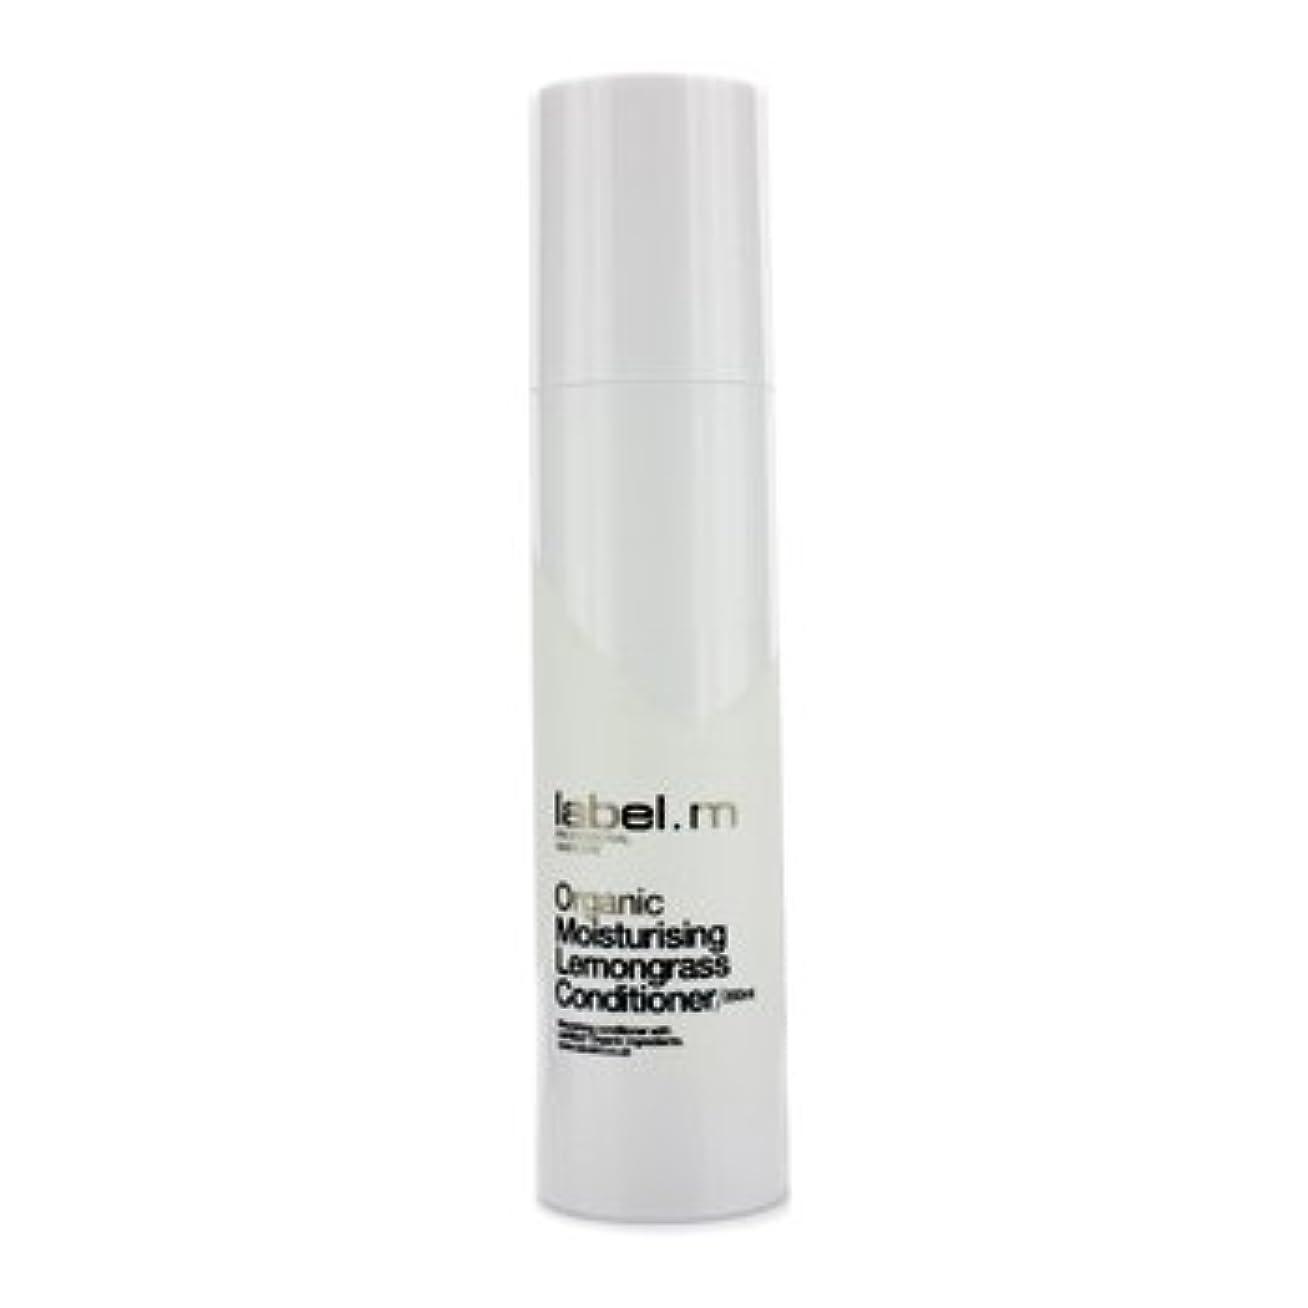 褐色シアー放棄する[Label M] オーガニック モイスチャライジング レモングラス コンディショナー 300ml/10.1oz